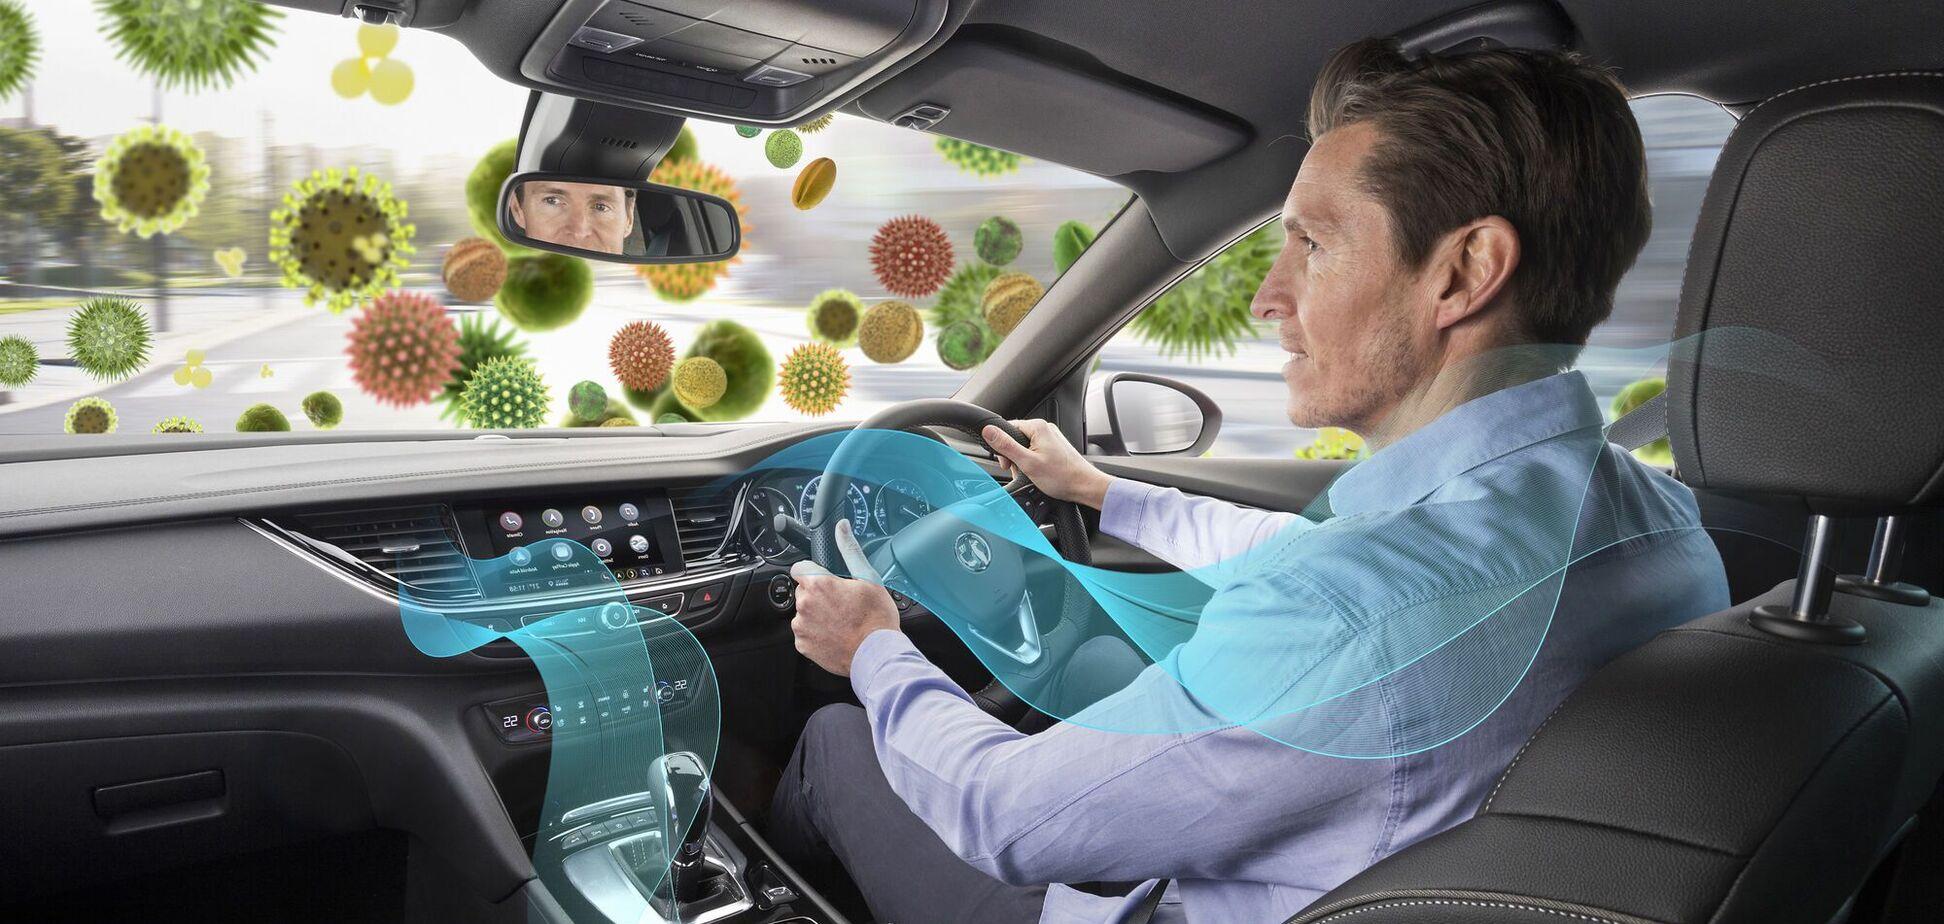 Амброзия в цвету: как водителю защитить себя и пассажиров